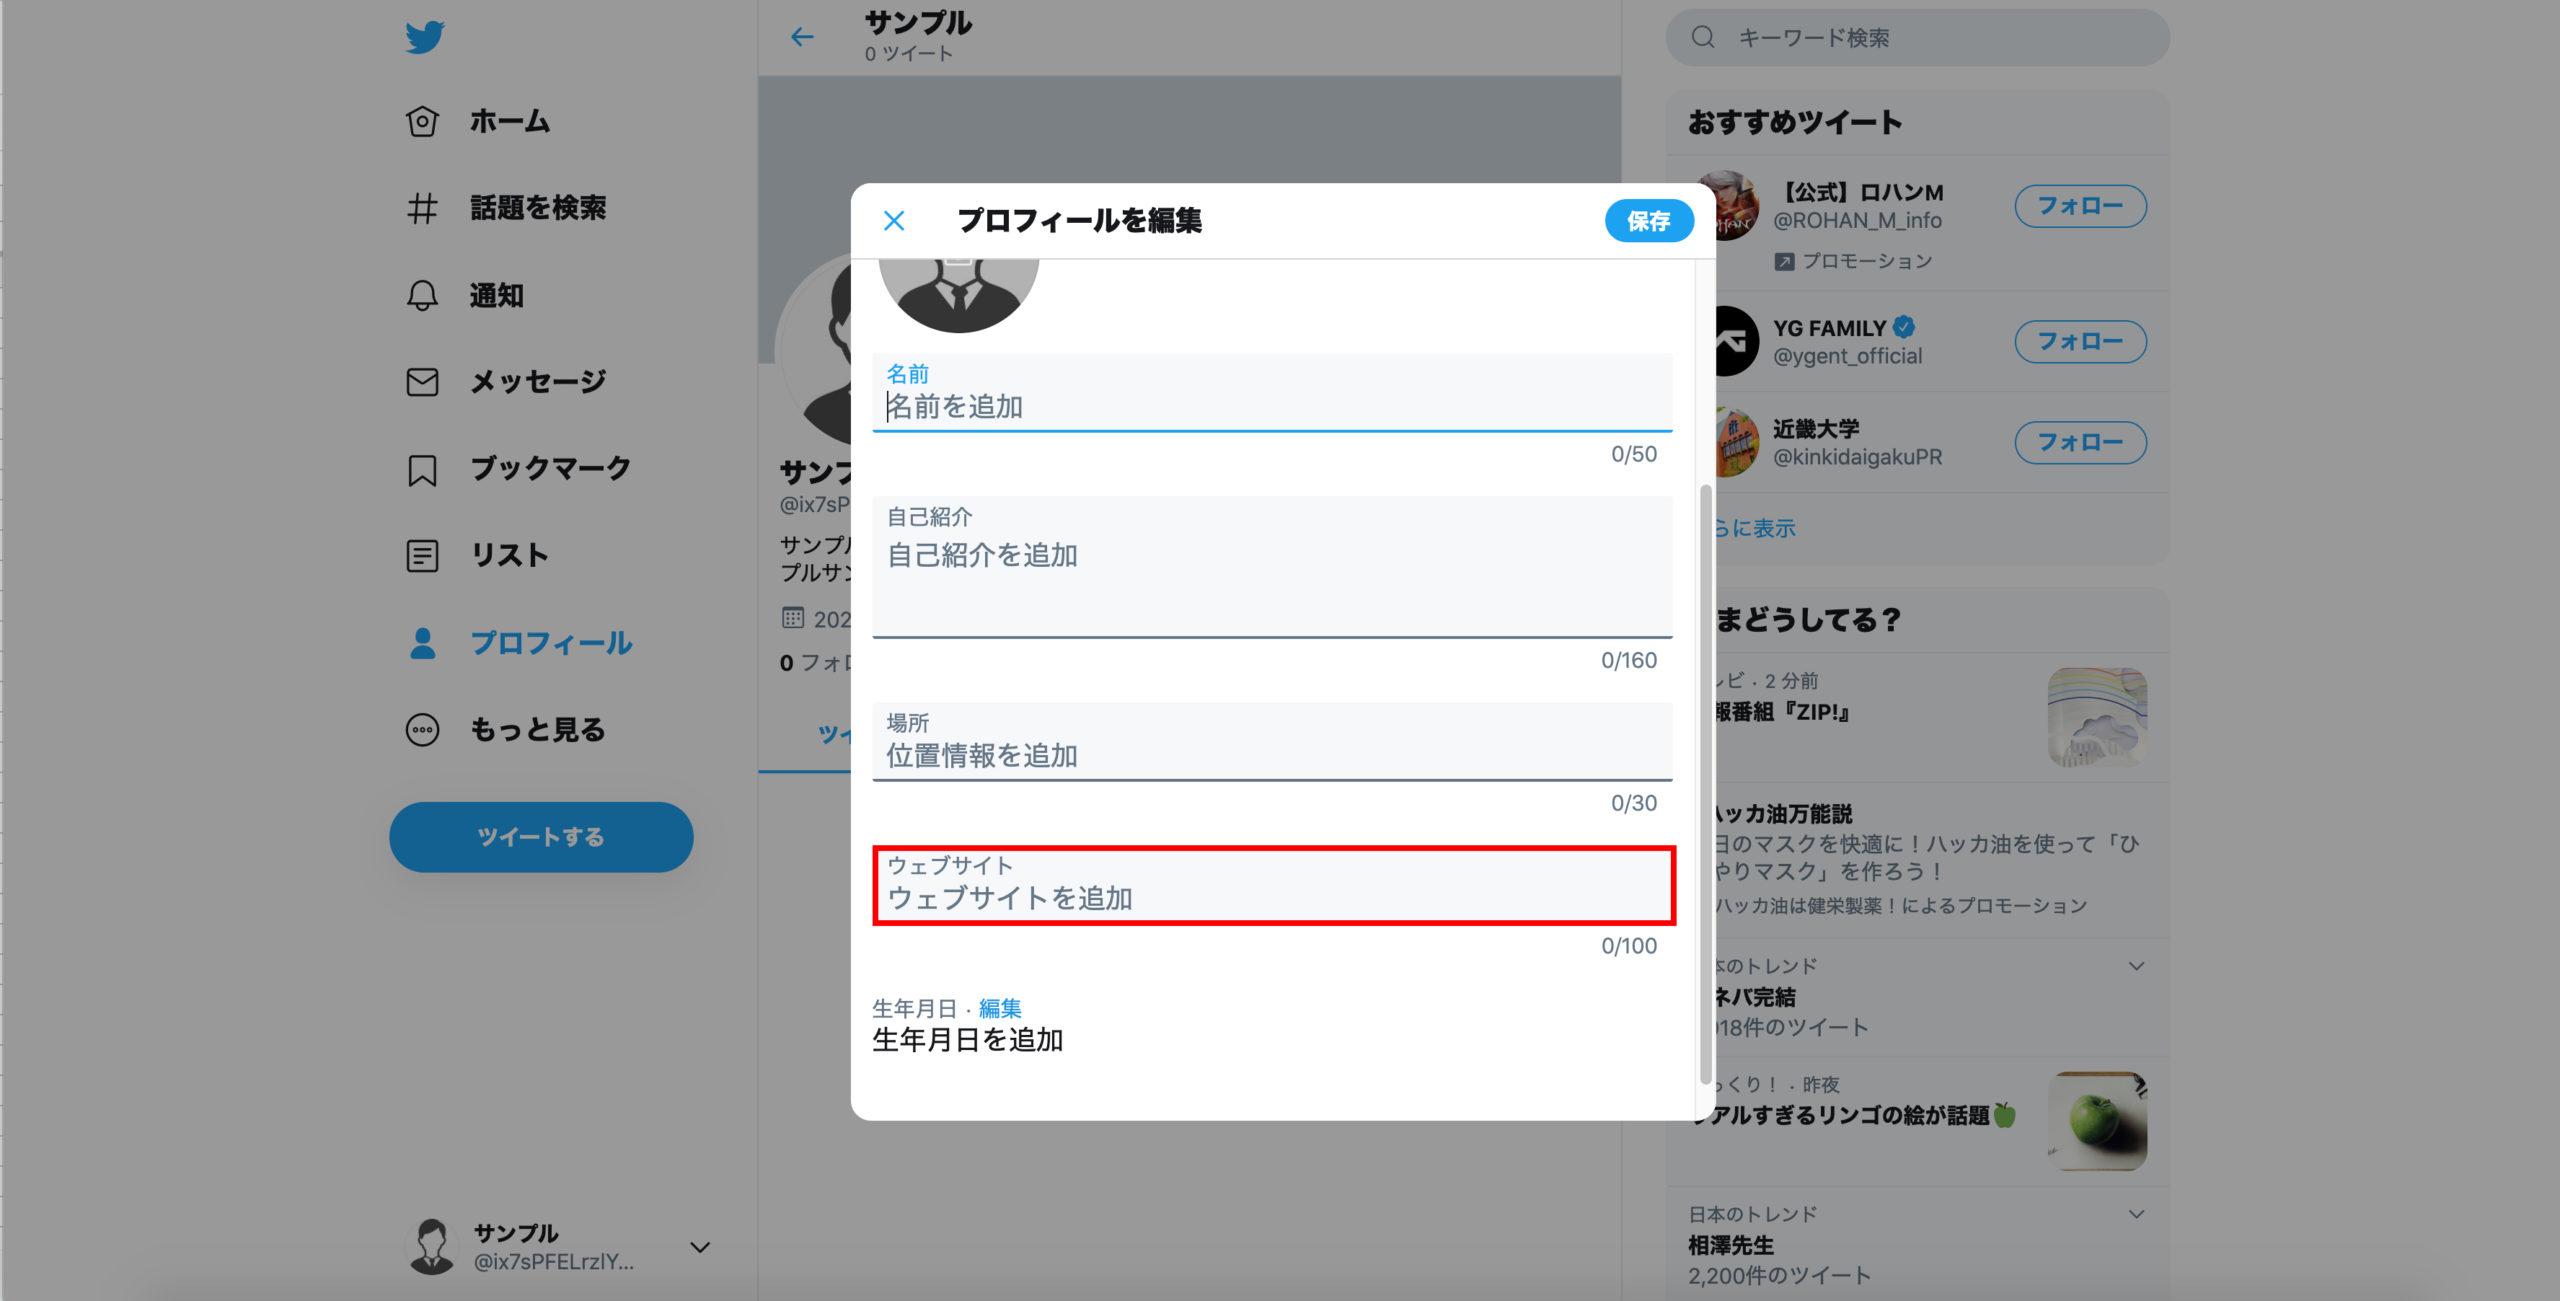 Twitterのウェブサイト